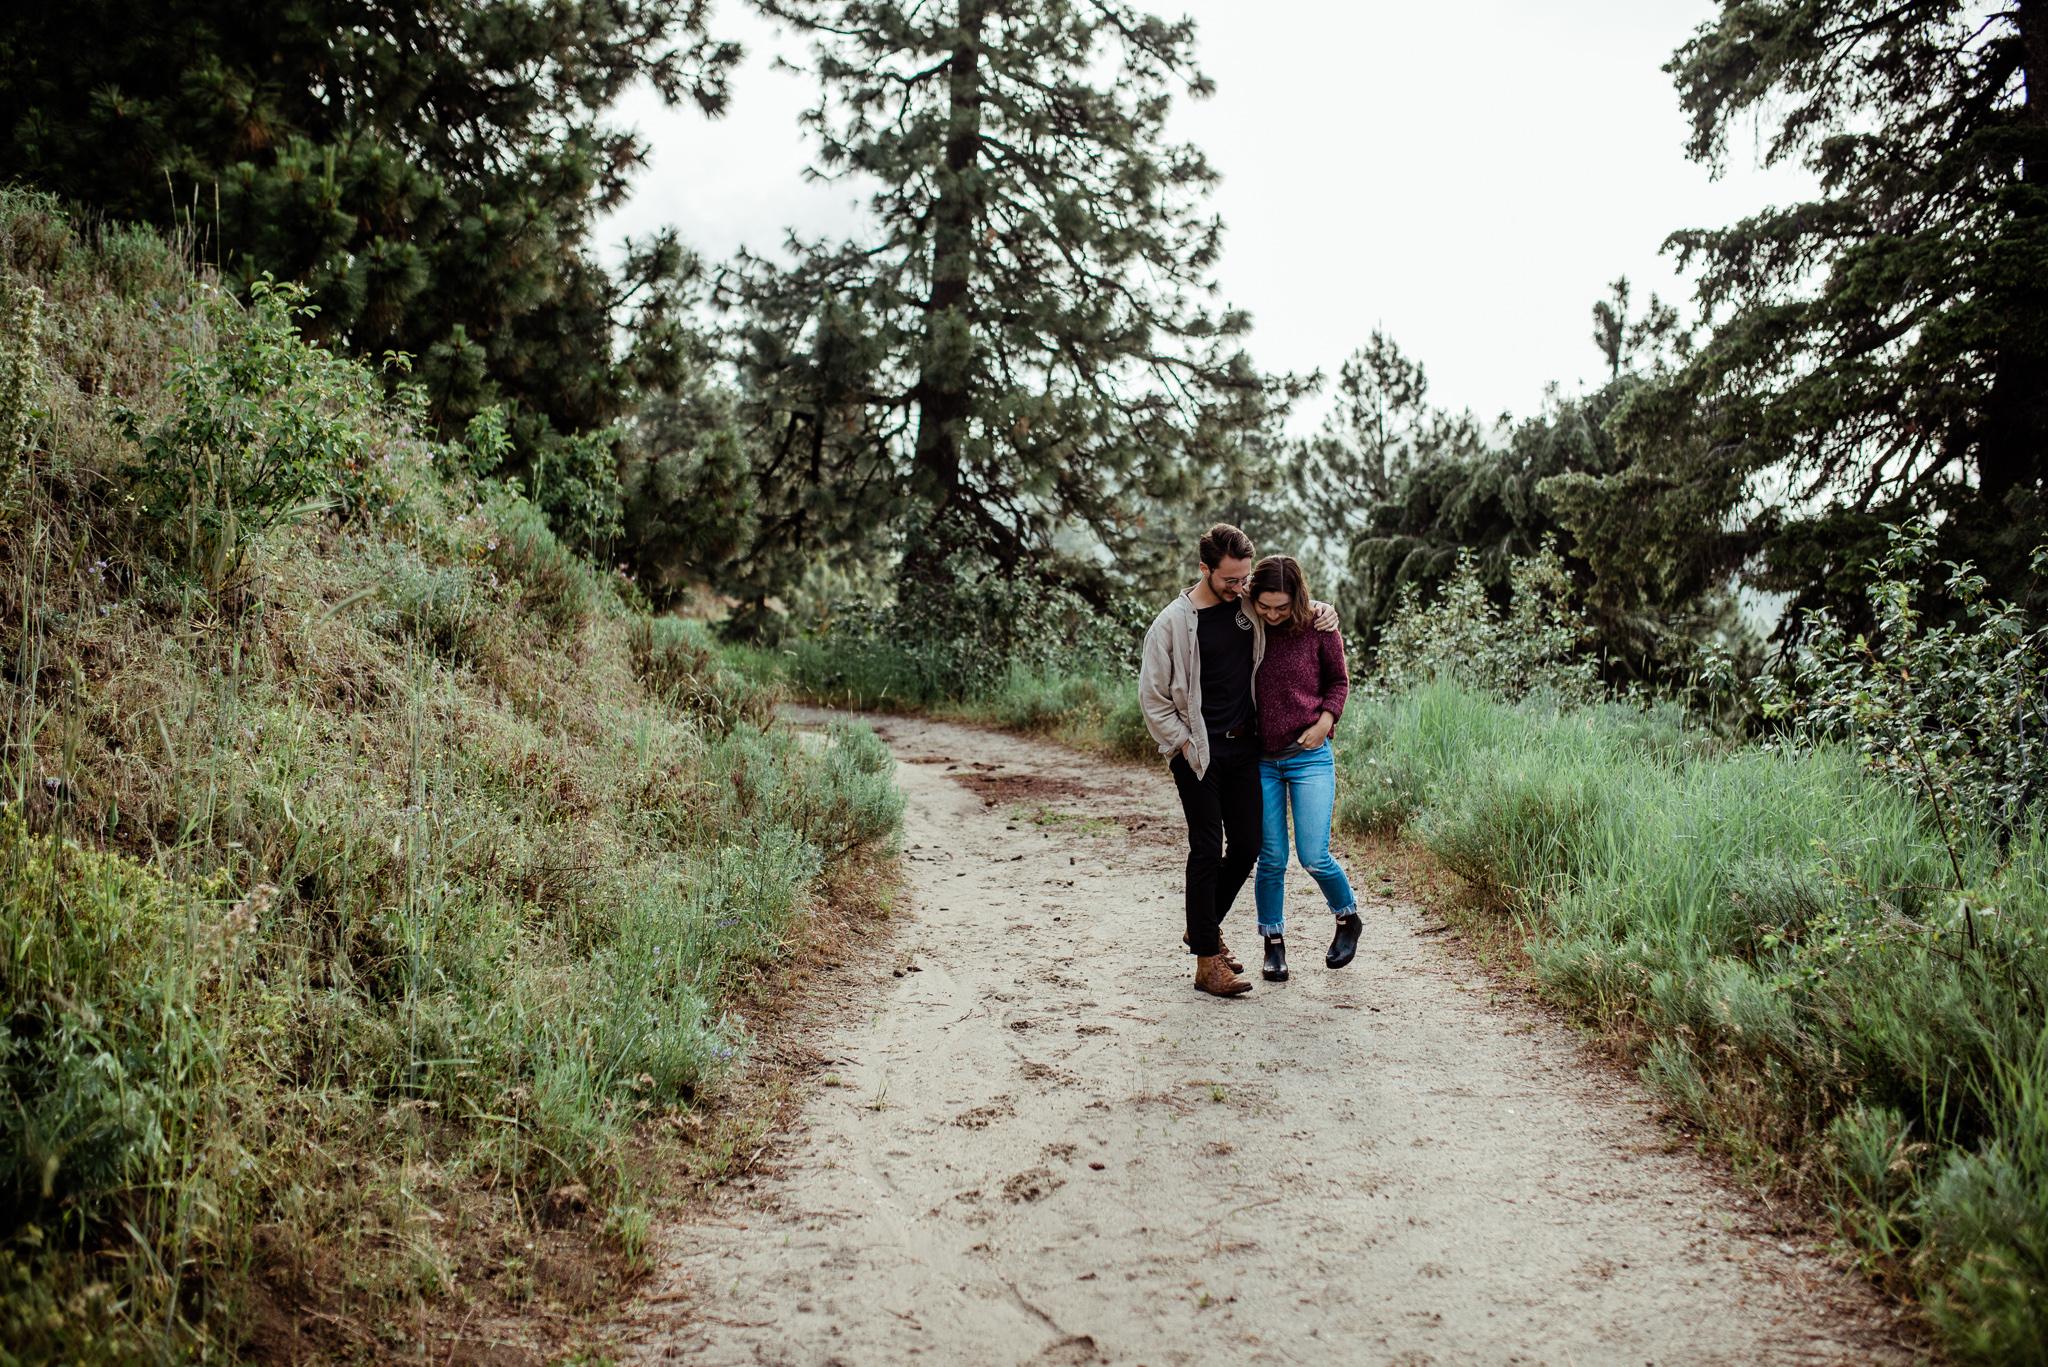 Boise Wedding Photographer // Idaho engagement photographer // Cozy Posing // Sweaters // PNW Engagement // Wedding // Idaho Engagement Session // Natural Couples Posing Ideas // Cozy Sweaters // hipster couples // mountain couples photography // Mountains // couples Outfit Ideas // levis // casual couples outfit // Summer couples session // bogus basin // Forest // coffee session // guitar // boise couples photographer // SS Photography & Design // Sadie Shirts